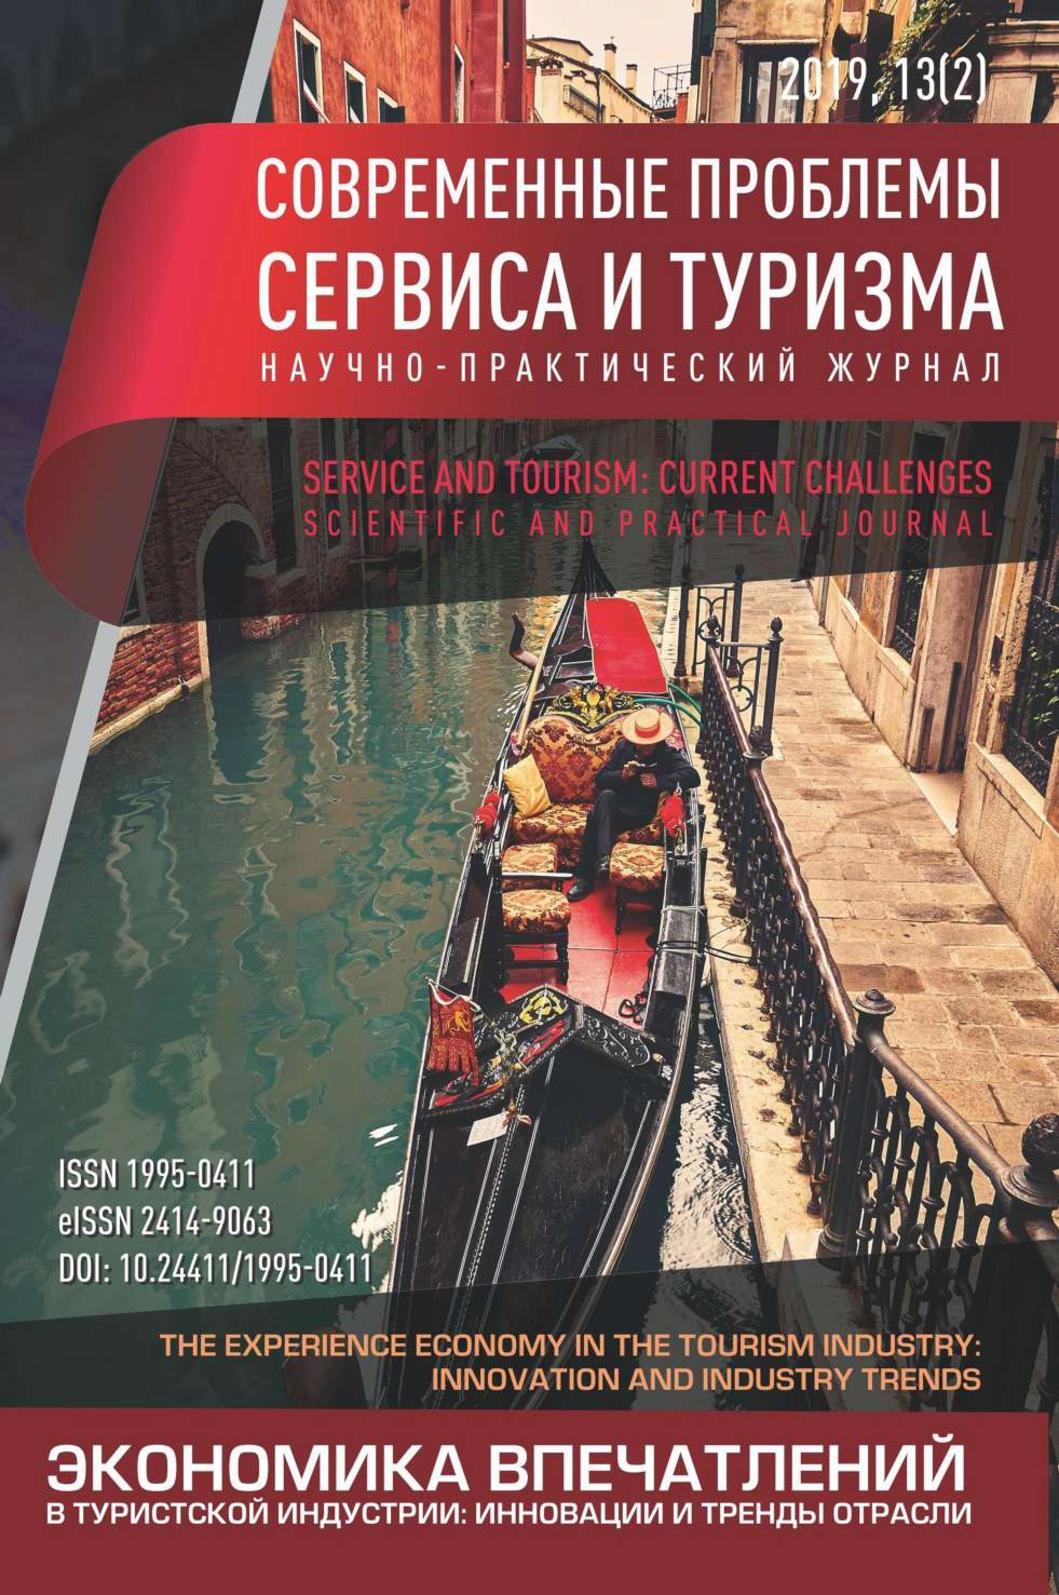 лекции по истории россии 9-21 века вологда 2010